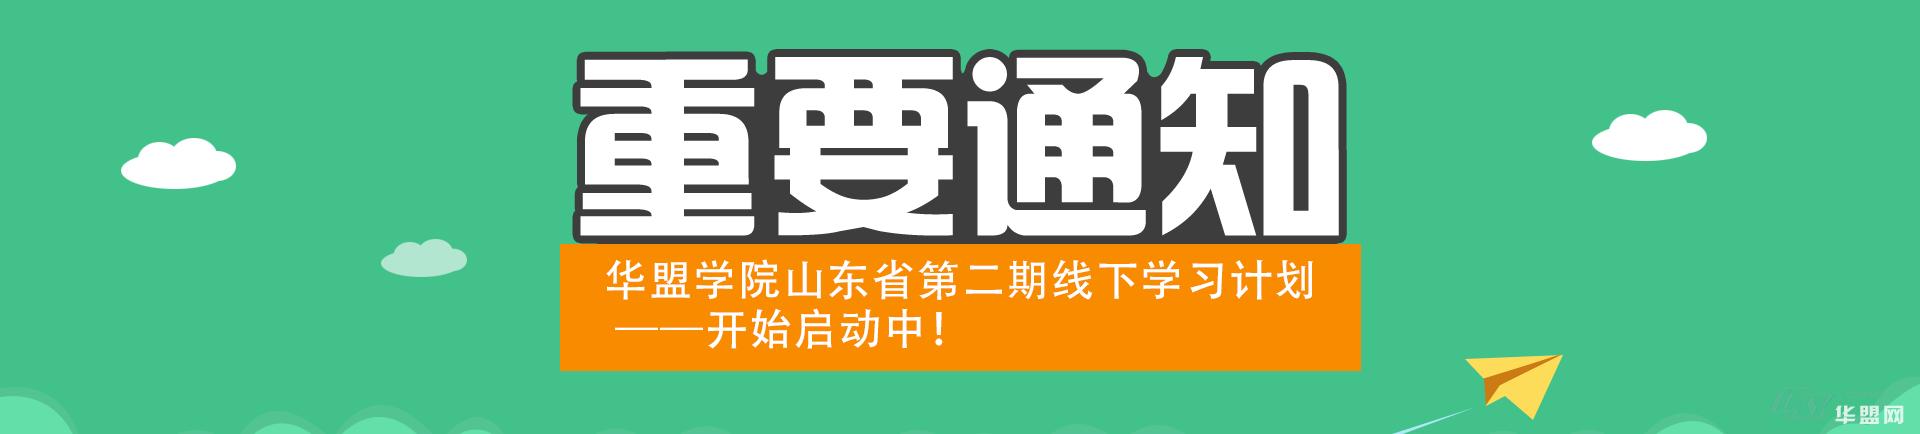 华盟学院山东省第二期线下学习计划